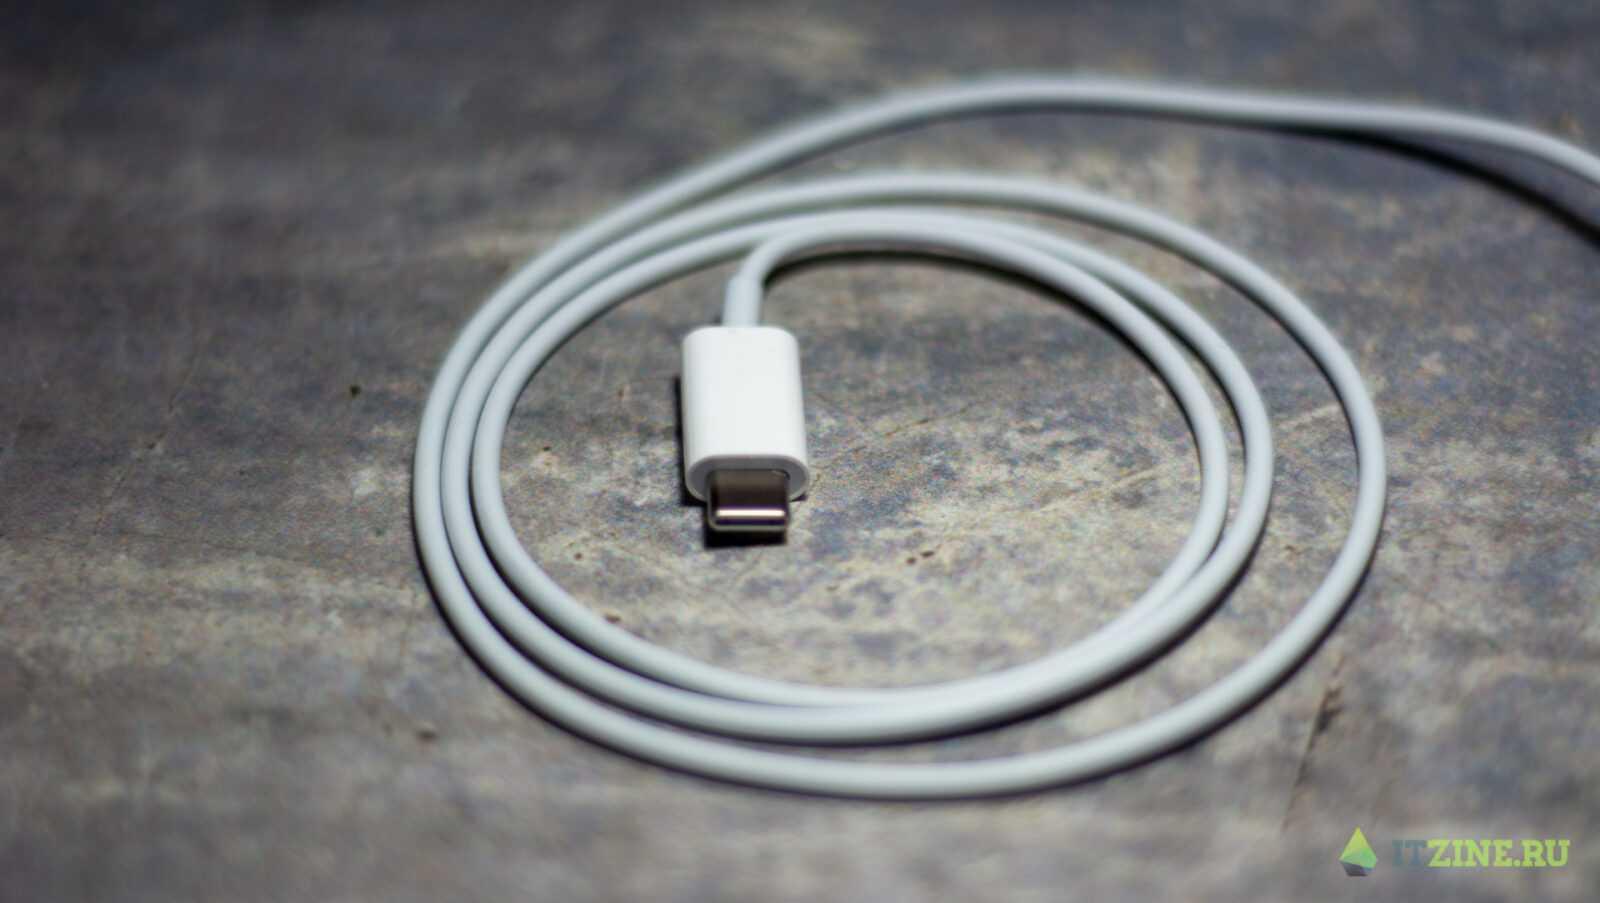 Обзор Apple MagSafe для iPhone 12 (apple magsafe 10)